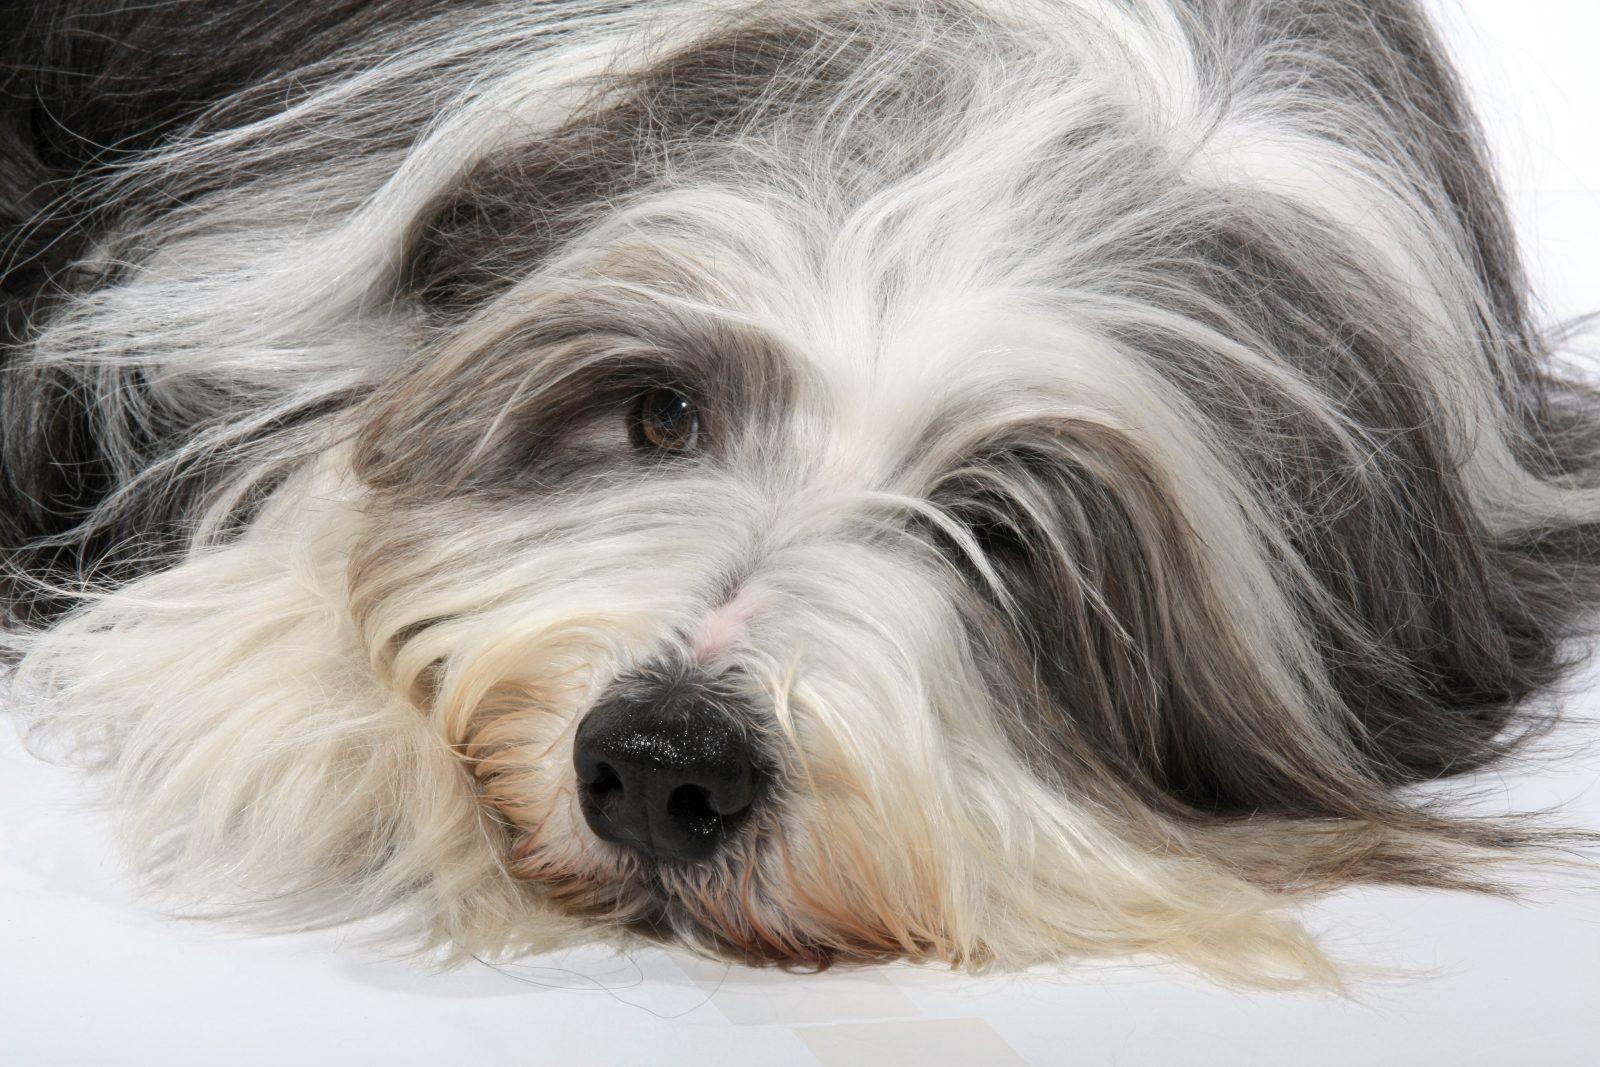 Cachorro de pelo longo: Bearded Collie deitado sob o tapete da sala espalhando toda a sua pelagem lisa e exuberante.